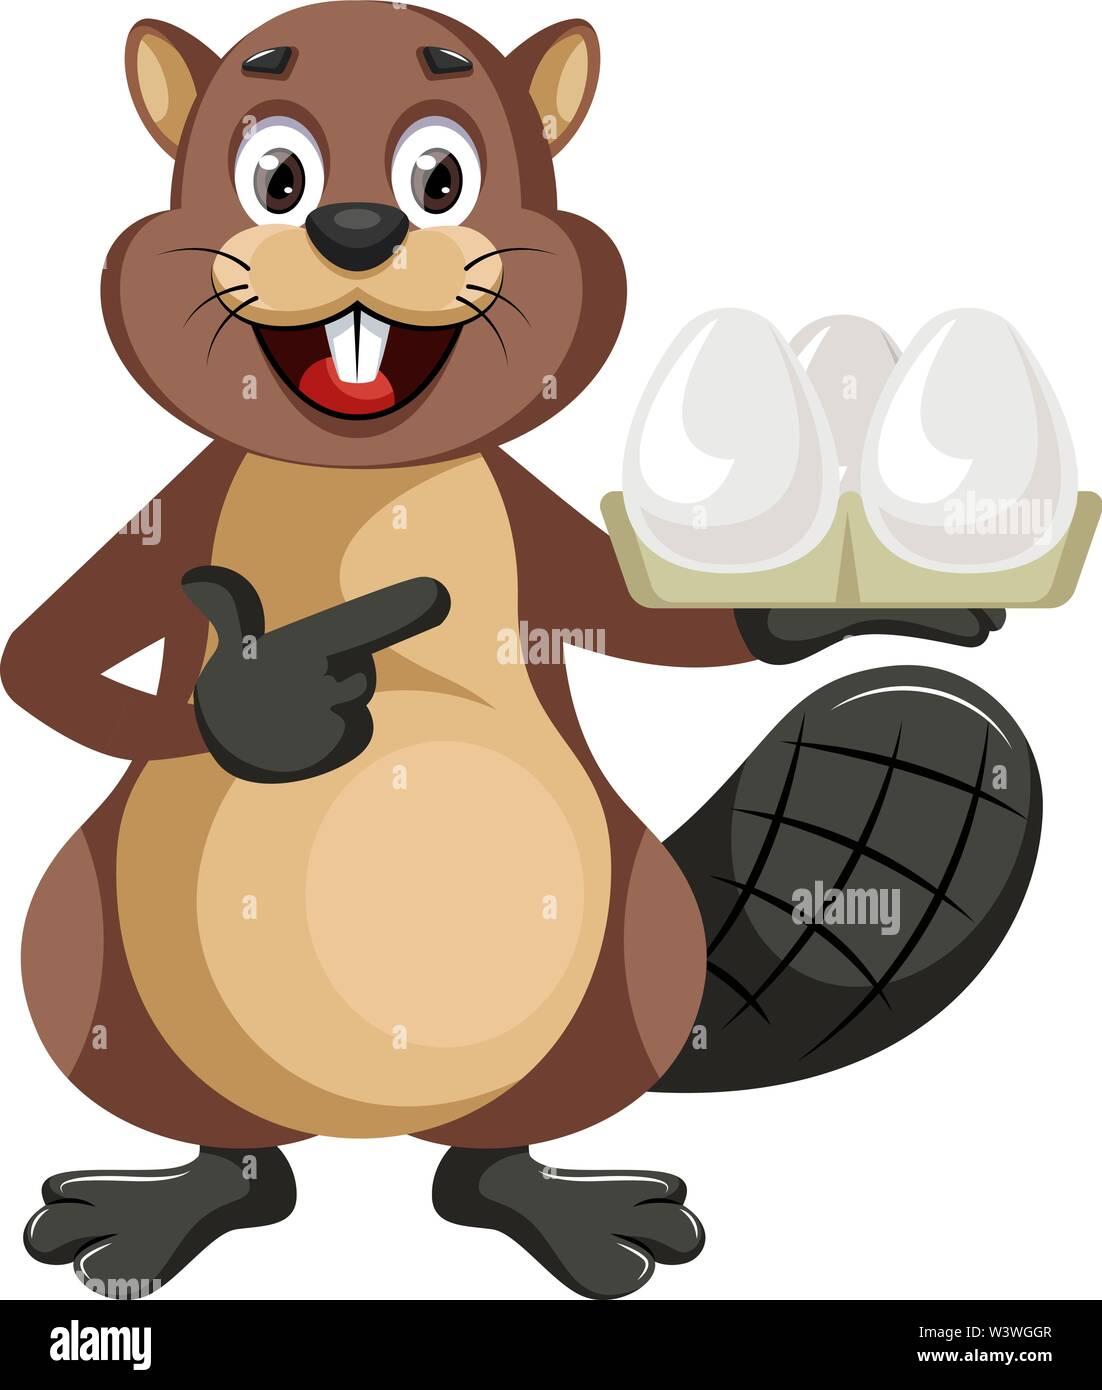 Beaver holding eggs, illustration, vector on white background. - Stock Image